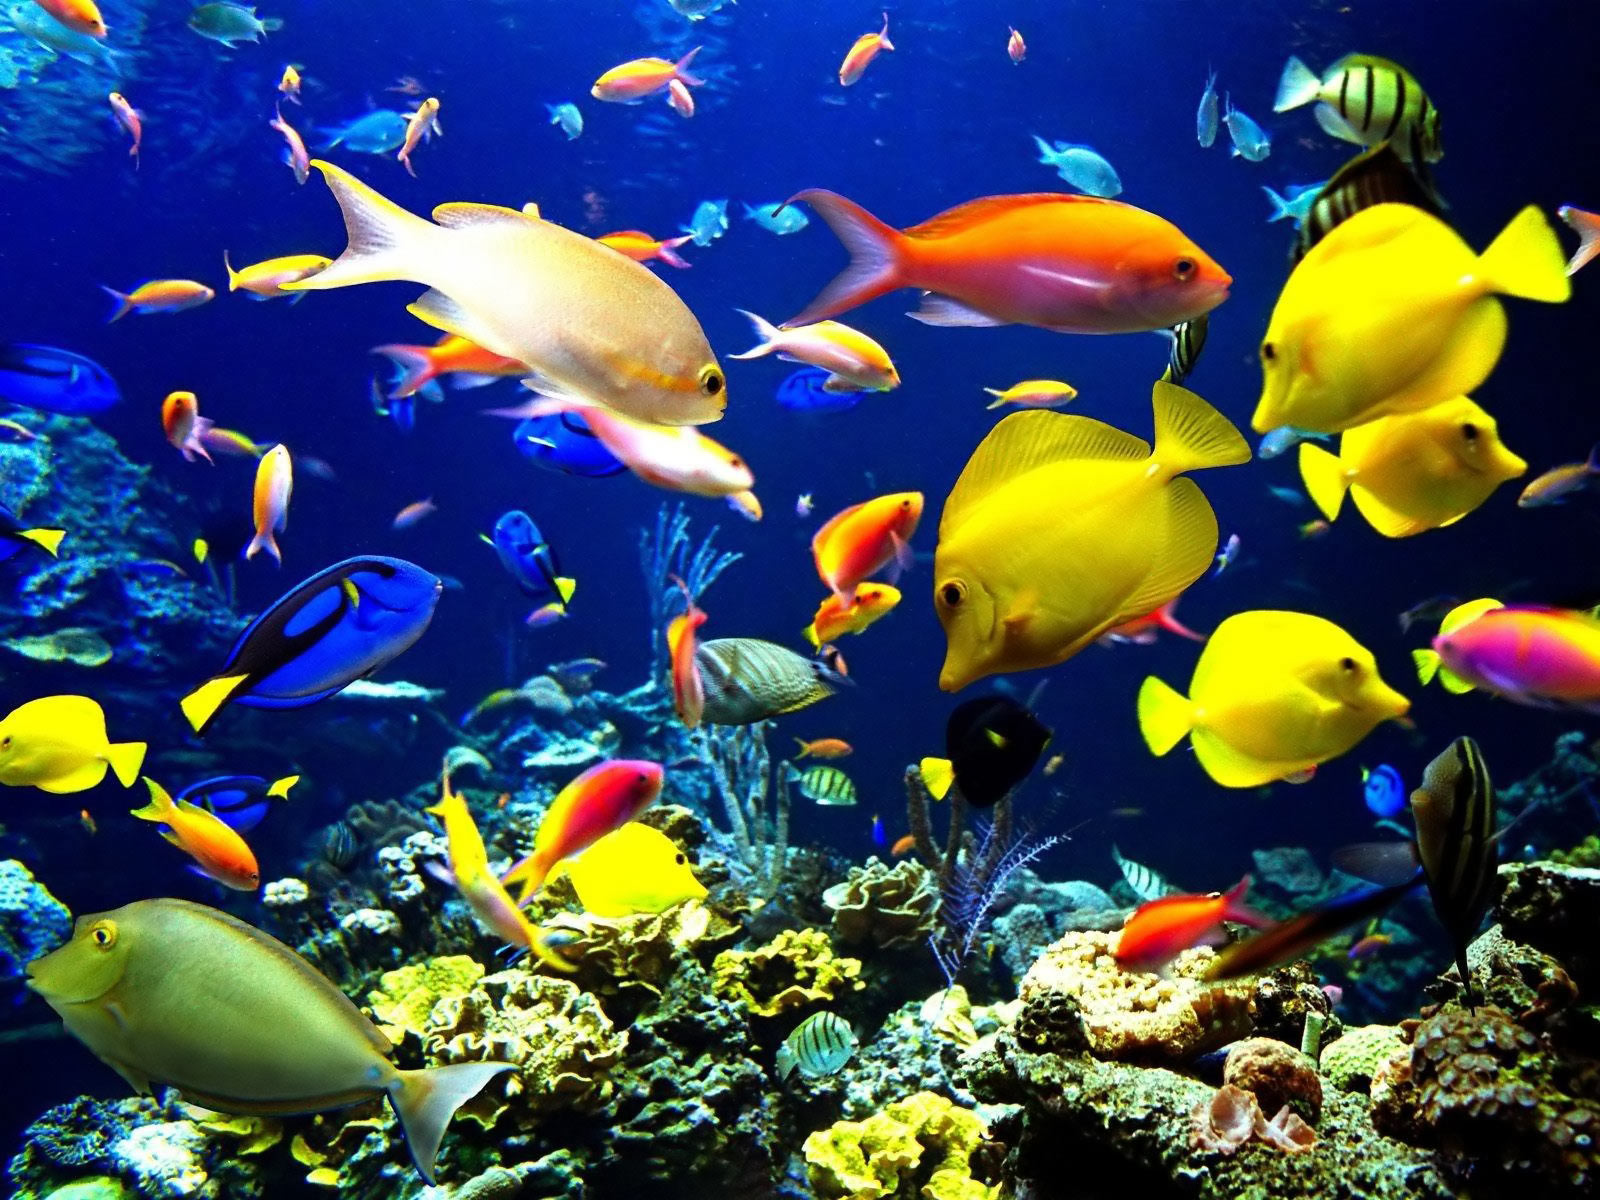 http://3.bp.blogspot.com/-cpDSjGwewes/UJb2nqs9FaI/AAAAAAAACEk/xaubWTcmsaQ/s1600/aquarium%2Bfish.jpg